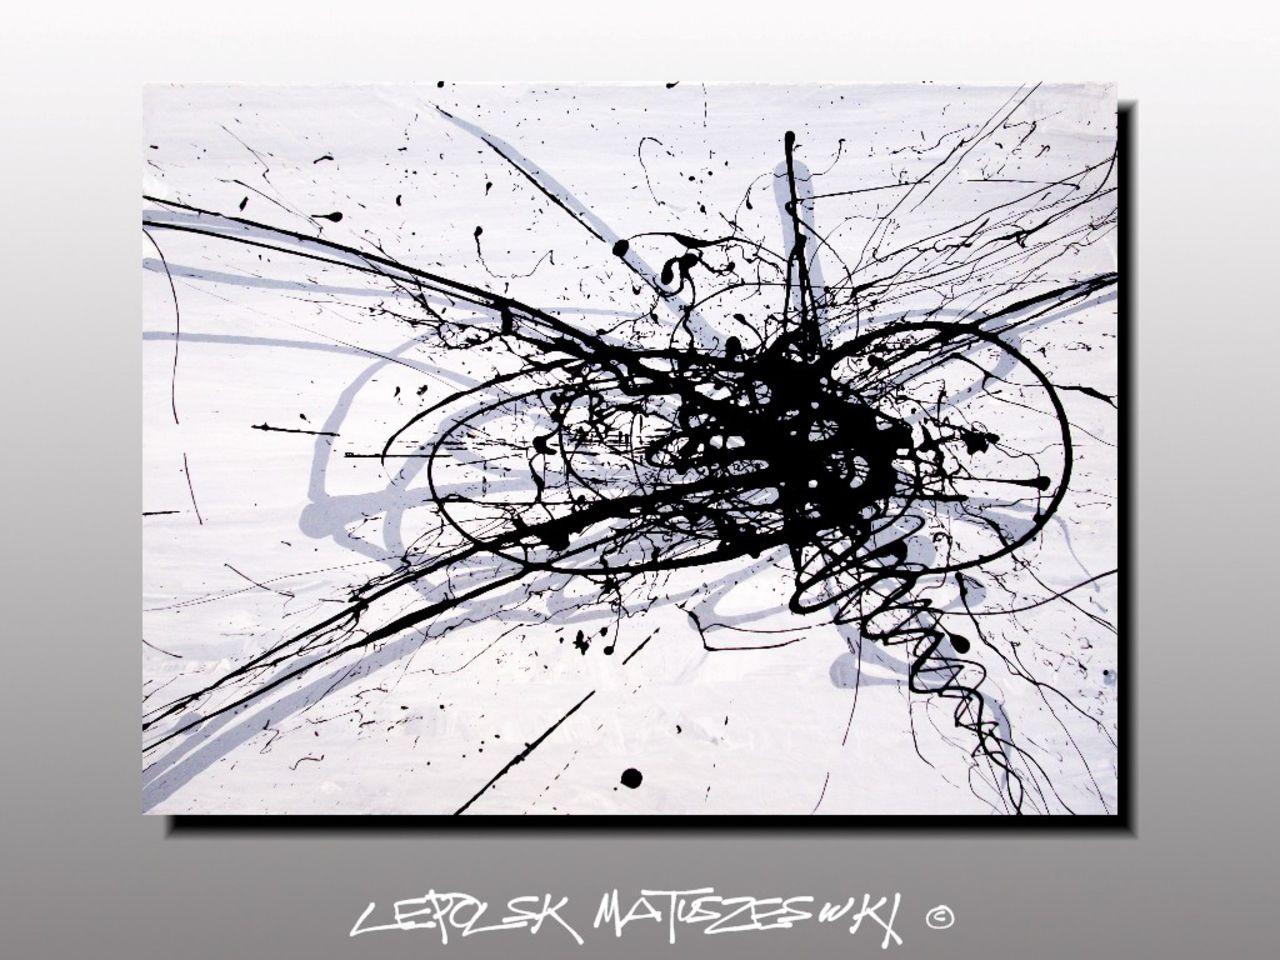 LEPOLSK MATUSZEWSKI SHADOW OF MOVEMENT / L'OMBRE DU MOUVEMENT expressionnisme abstrait